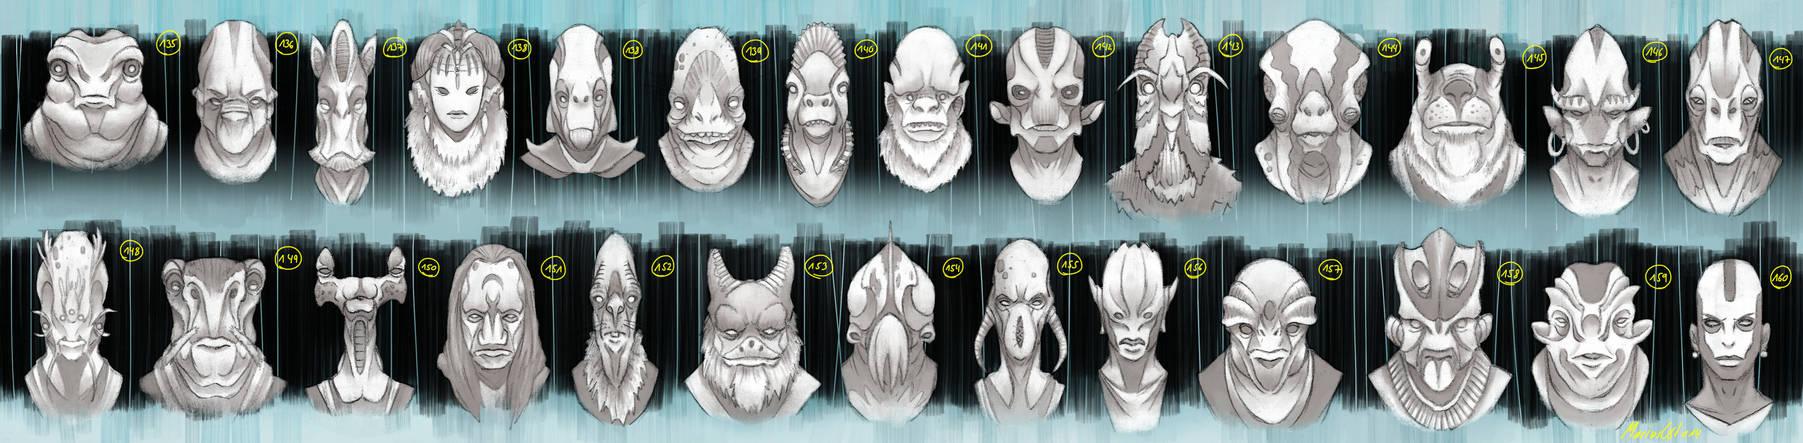 Alien Heads 5